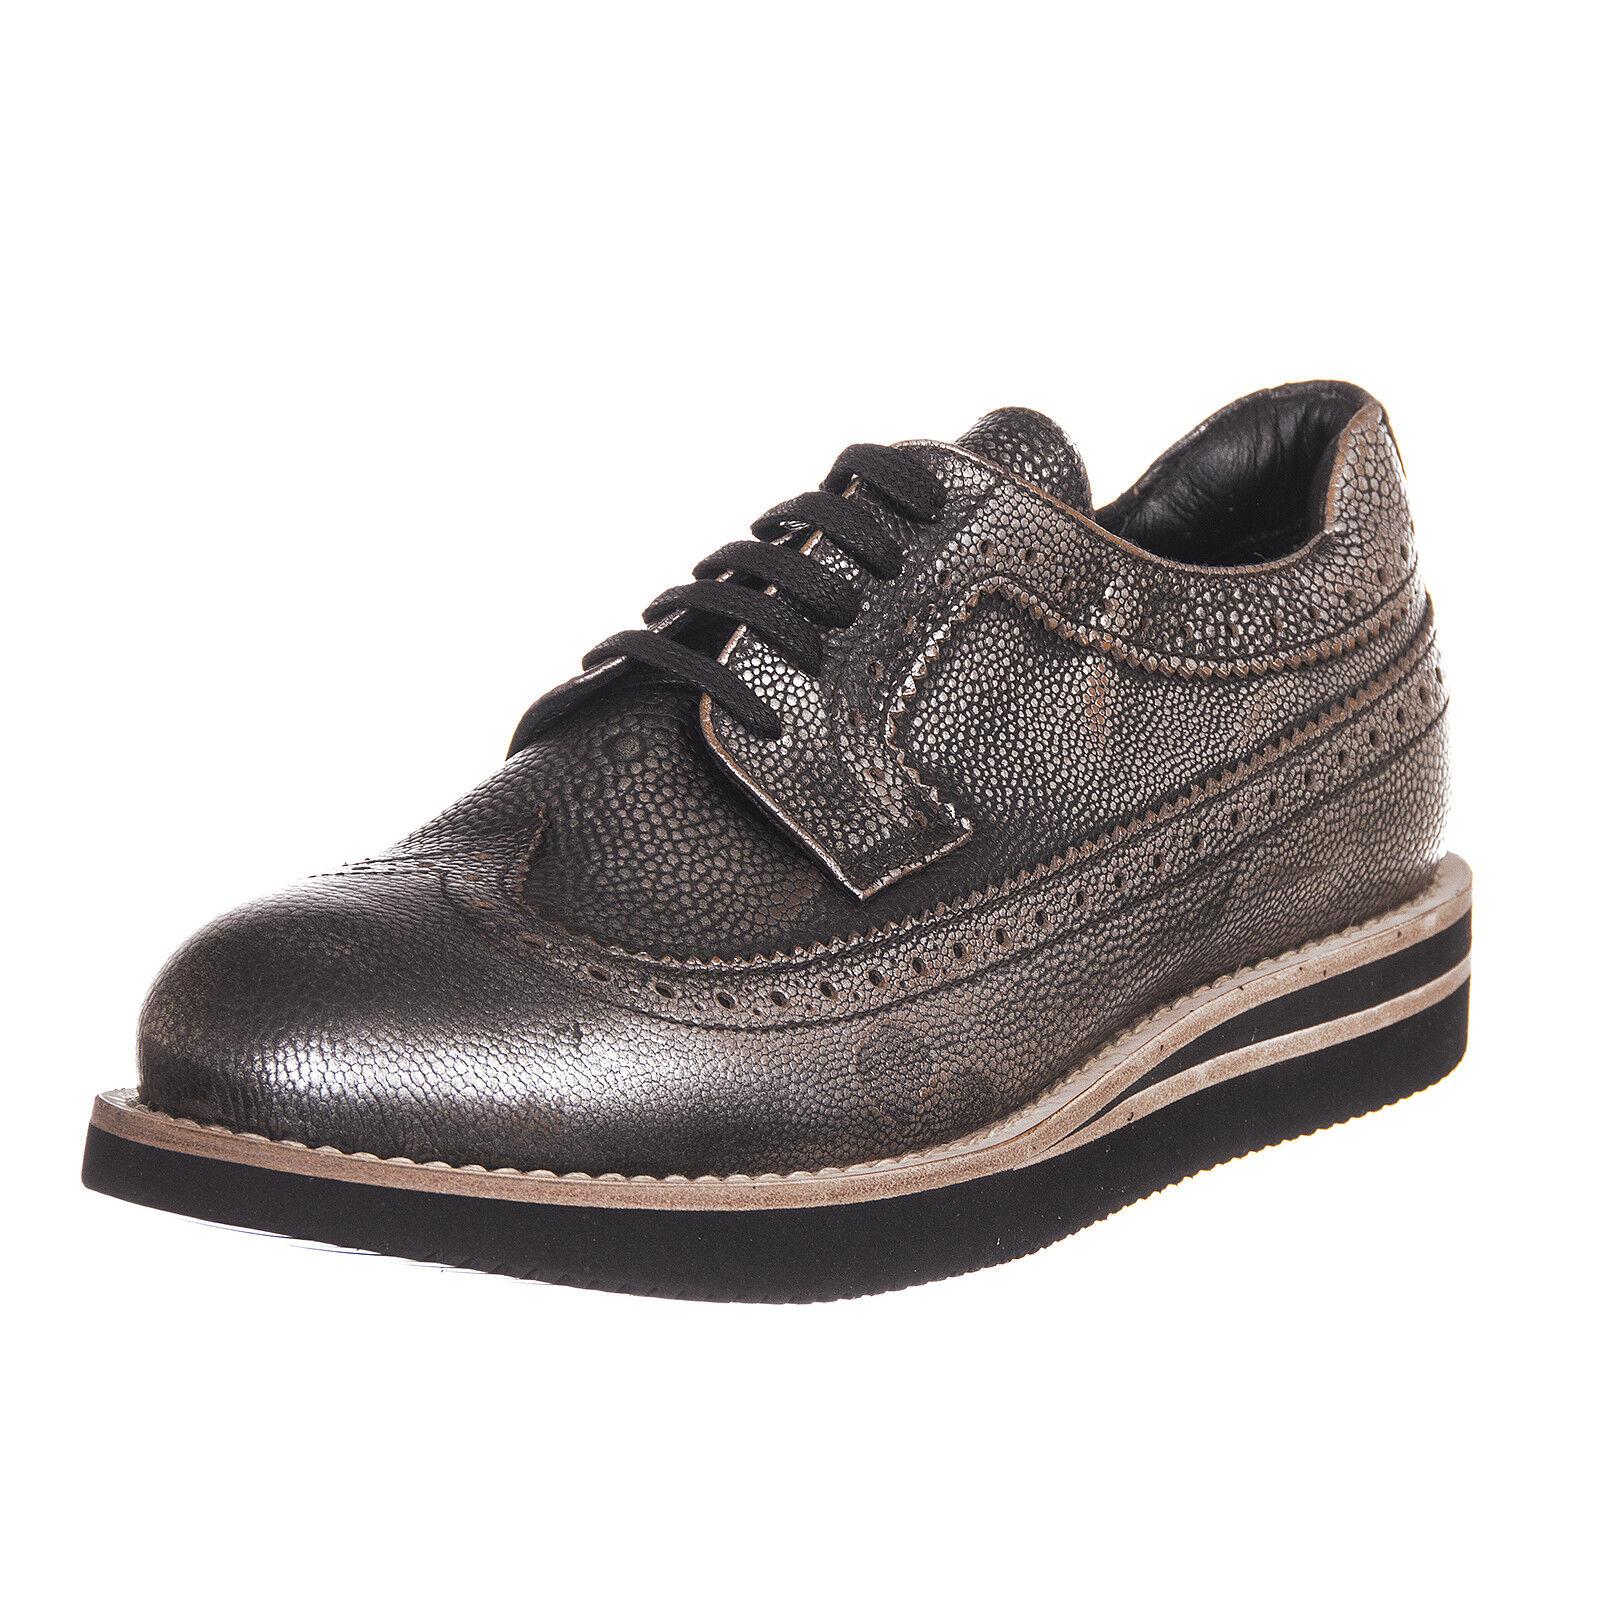 BEPOSITIVE zapatos man Zapatos campionario sample hombre man zapatos grigio Gris EU 43 - 779 N51 782947